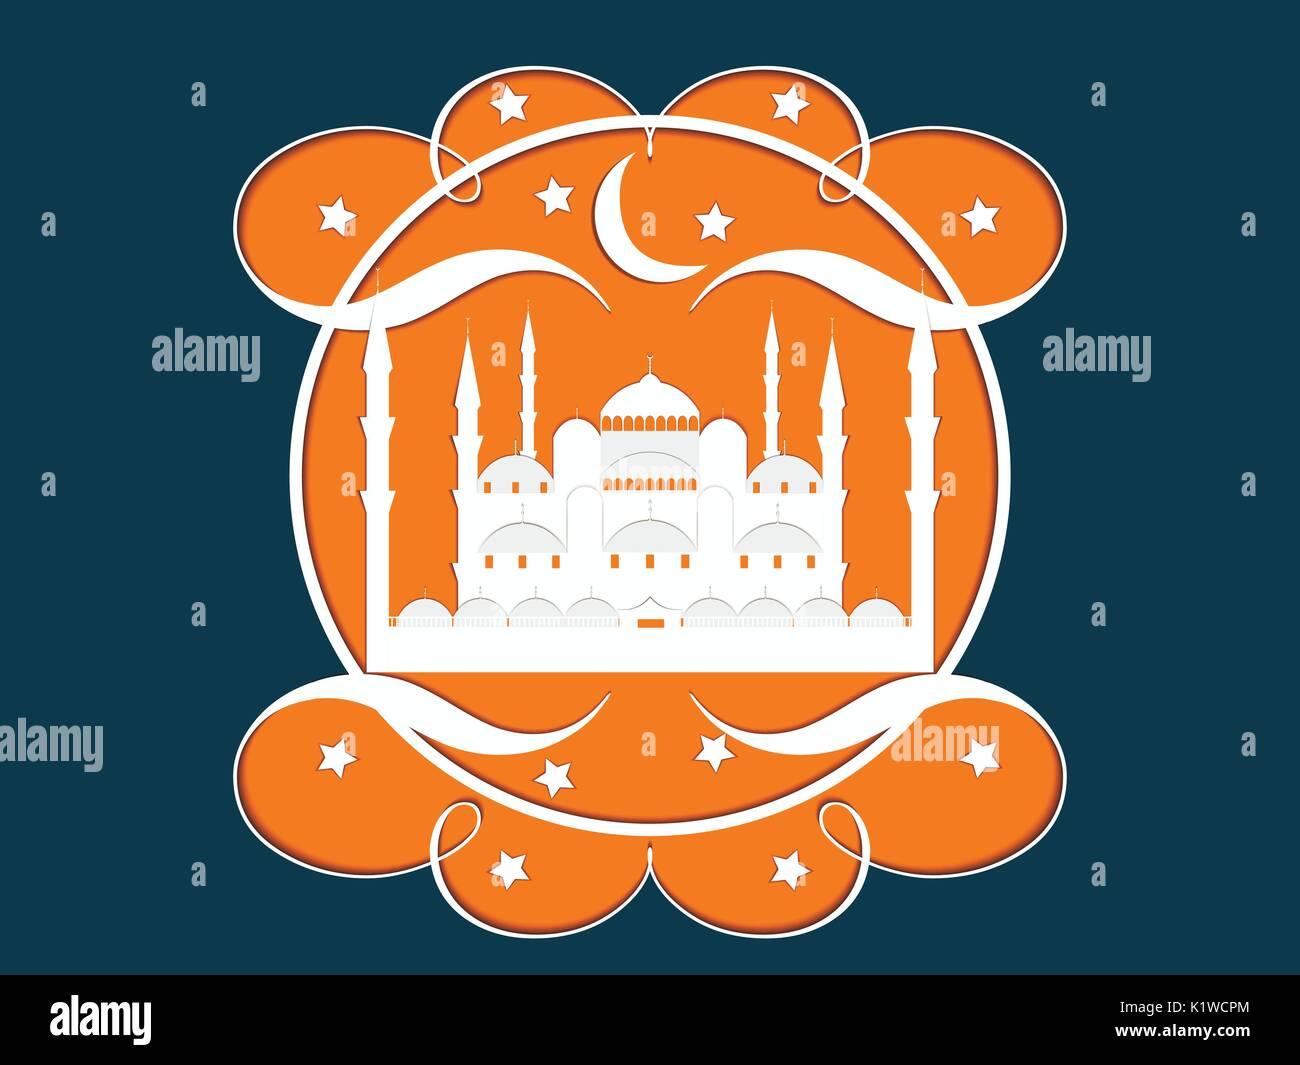 El papel de la mezquita. Mezquita Azul. Ramadan Kareem celebración. El mes sagrado. Ilustración vectorial. Ilustración del Vector